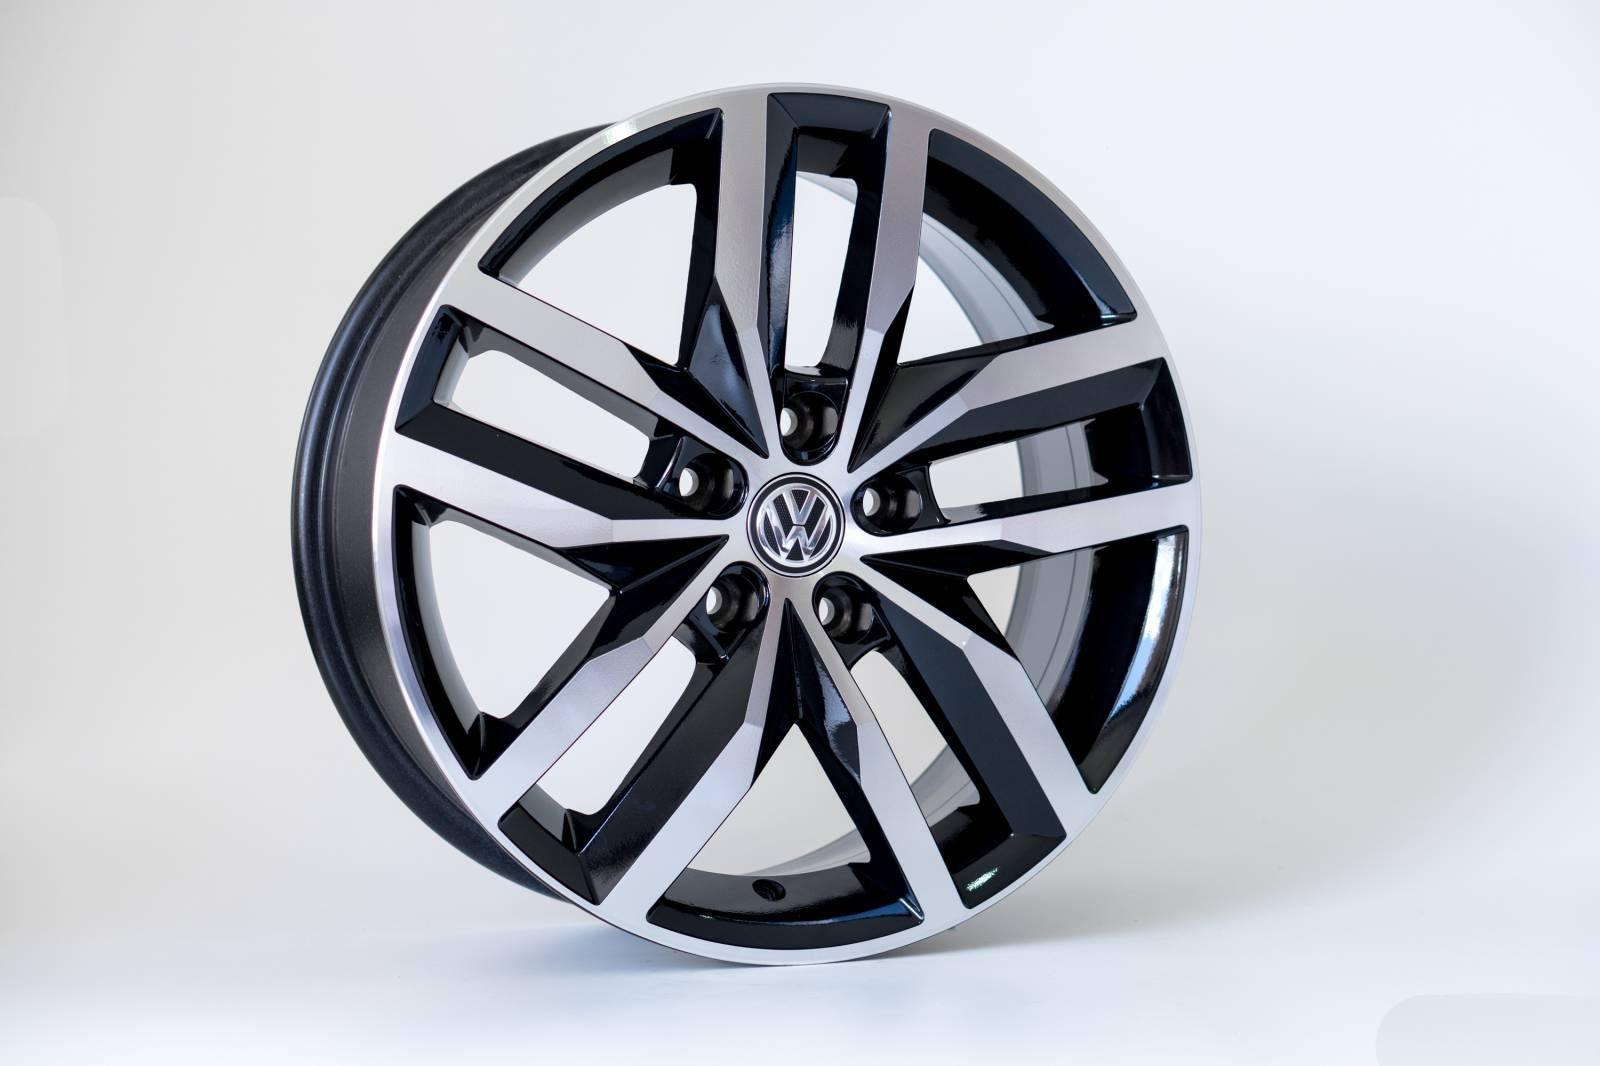 Jogo de 04 Rodas VW Golf Highline KR R46 aro 17 5x100 BD